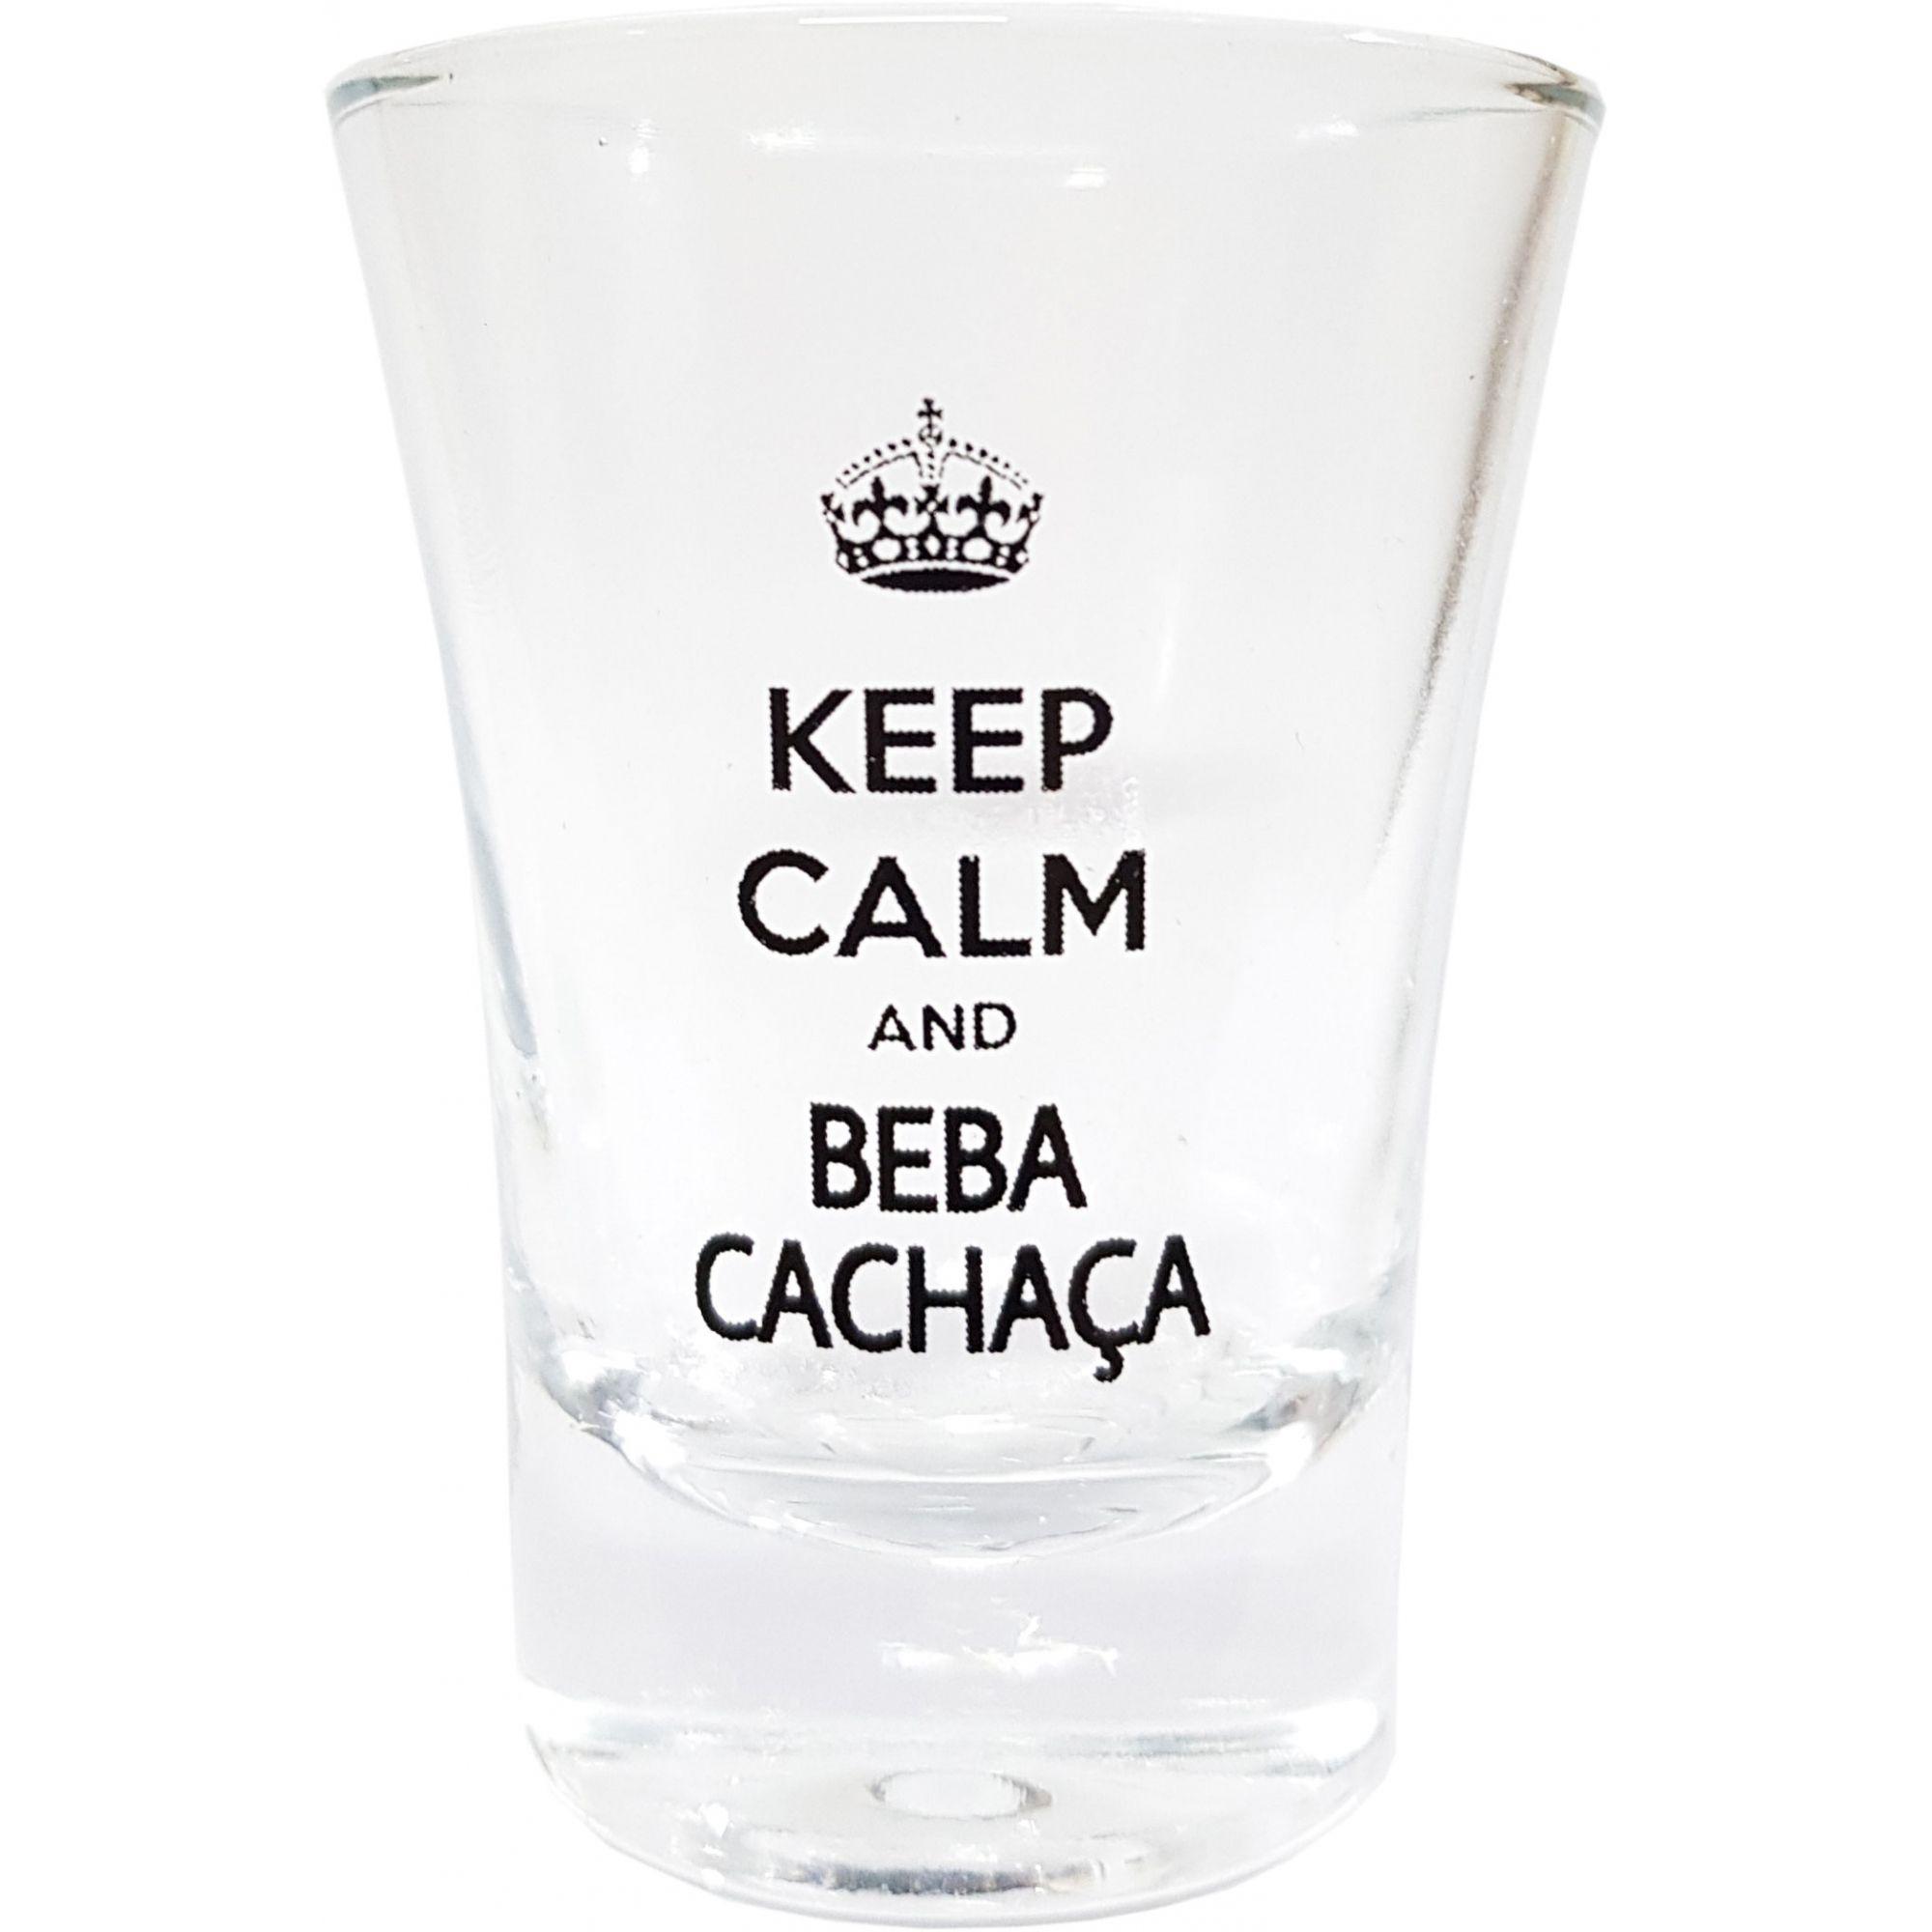 Copinho Dose Personalizado Keep Calm And Beba Cachaça 60ml